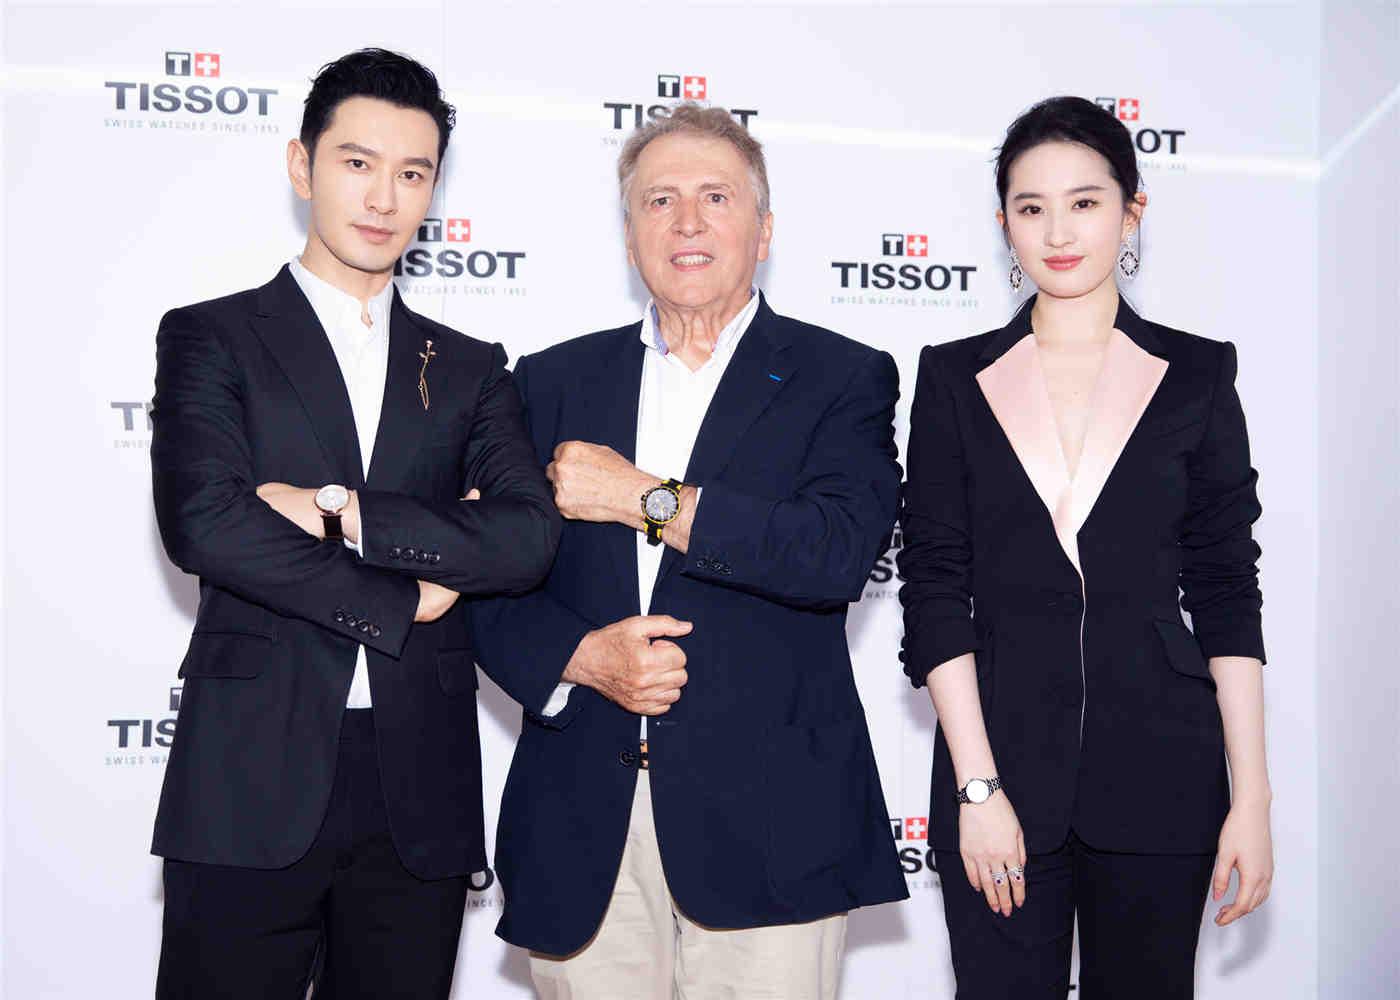 天梭表邀全球形象代言人黄晓明和刘亦菲共赴探索工厂之旅